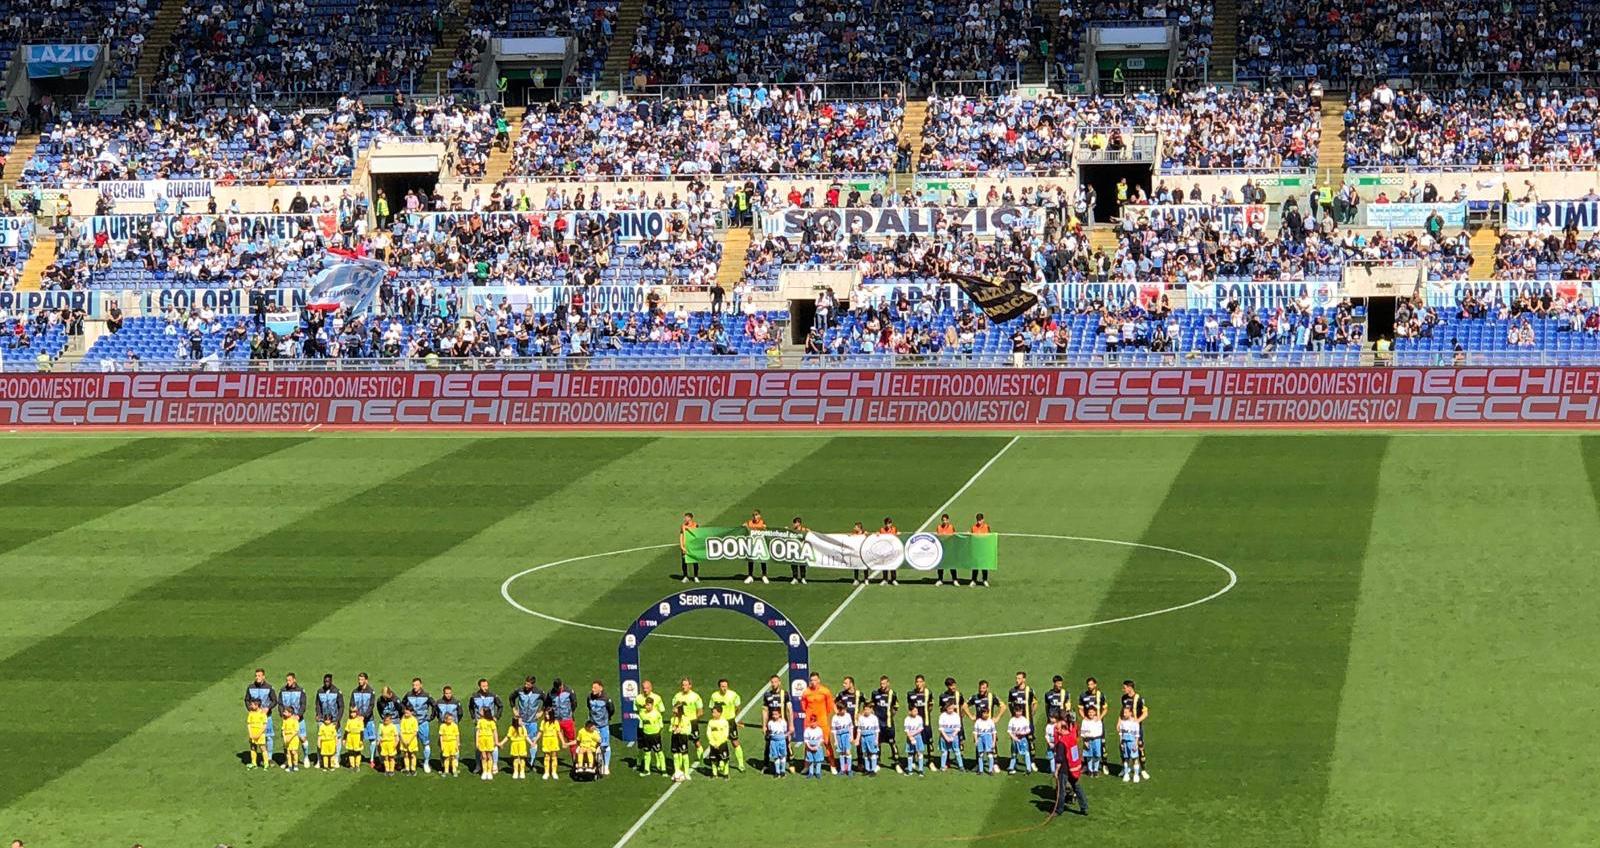 Lazio-Chievo Verona 0-0, risultato e cronaca in diretta live